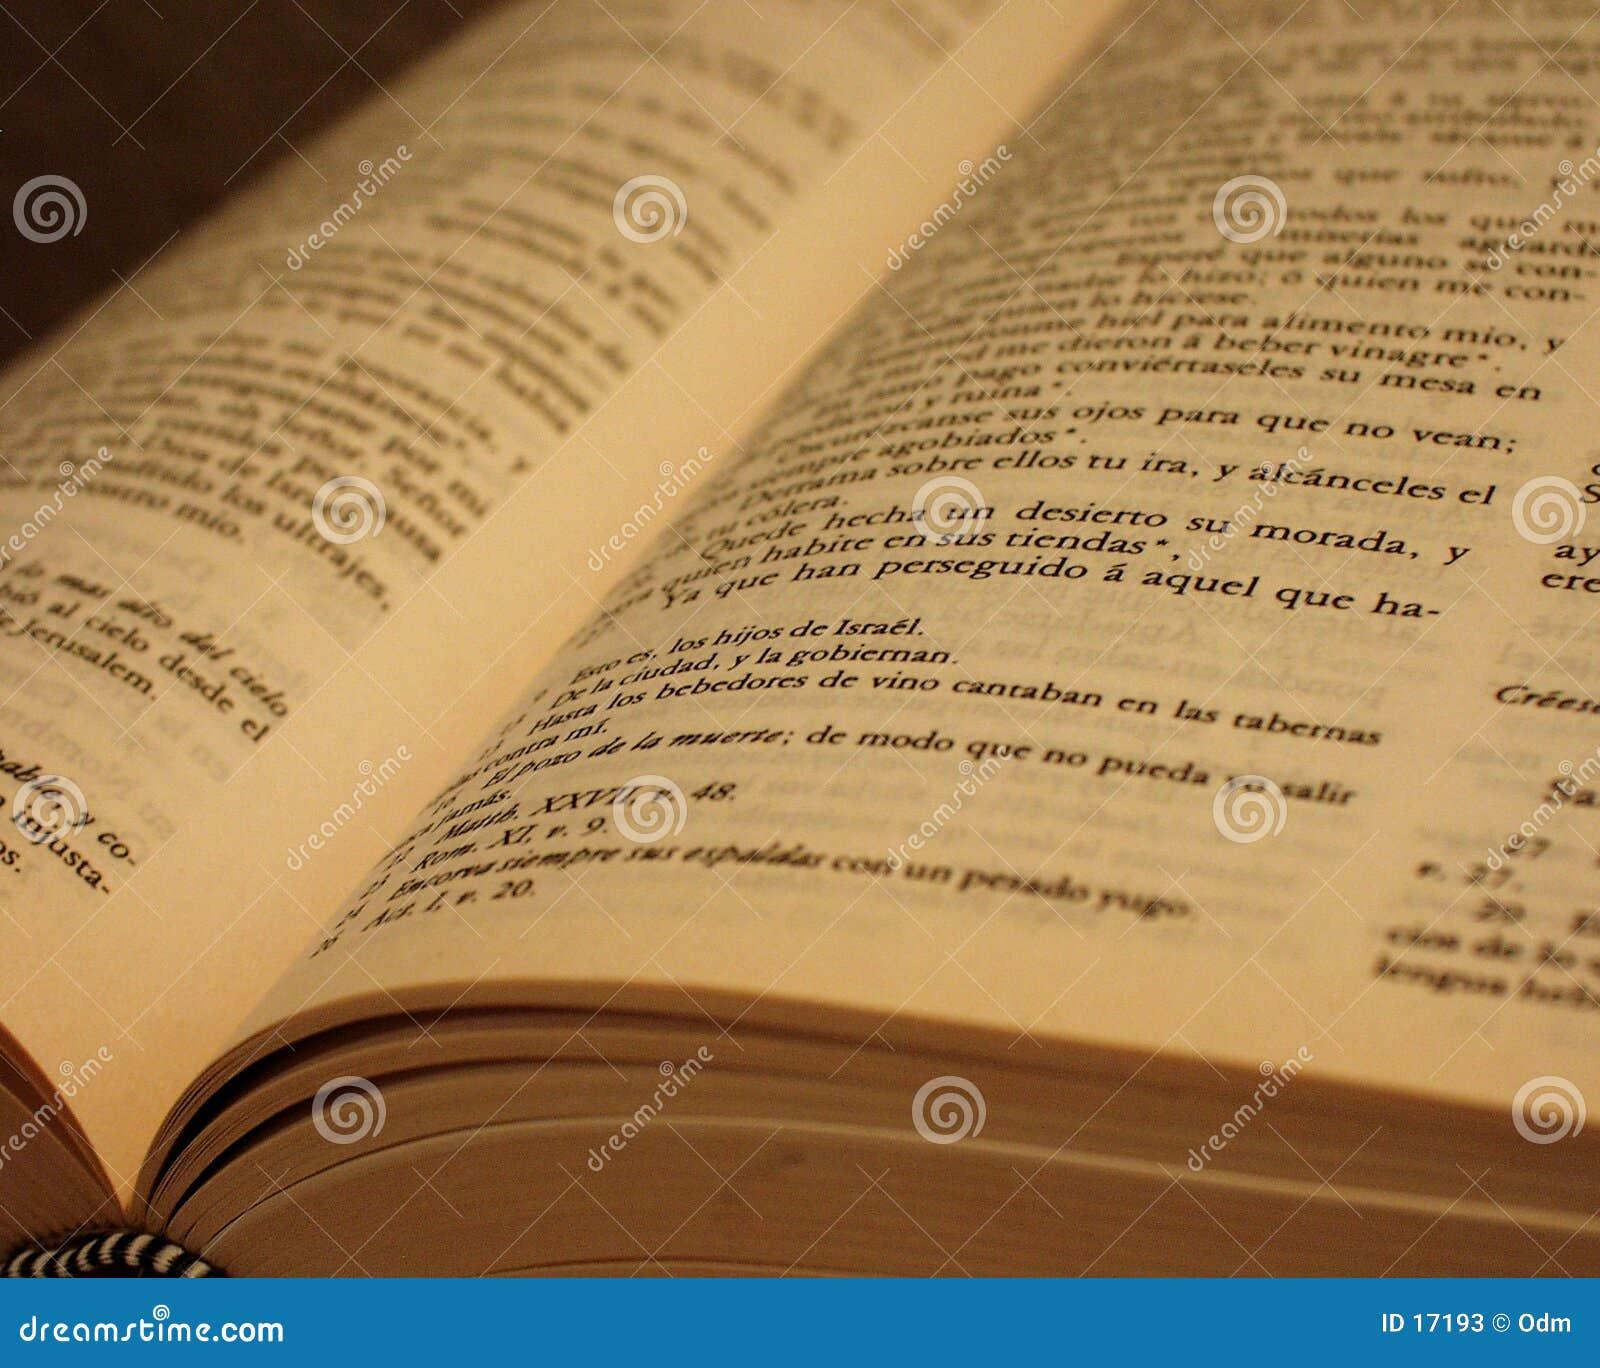 A Bíblia antiga espanhola